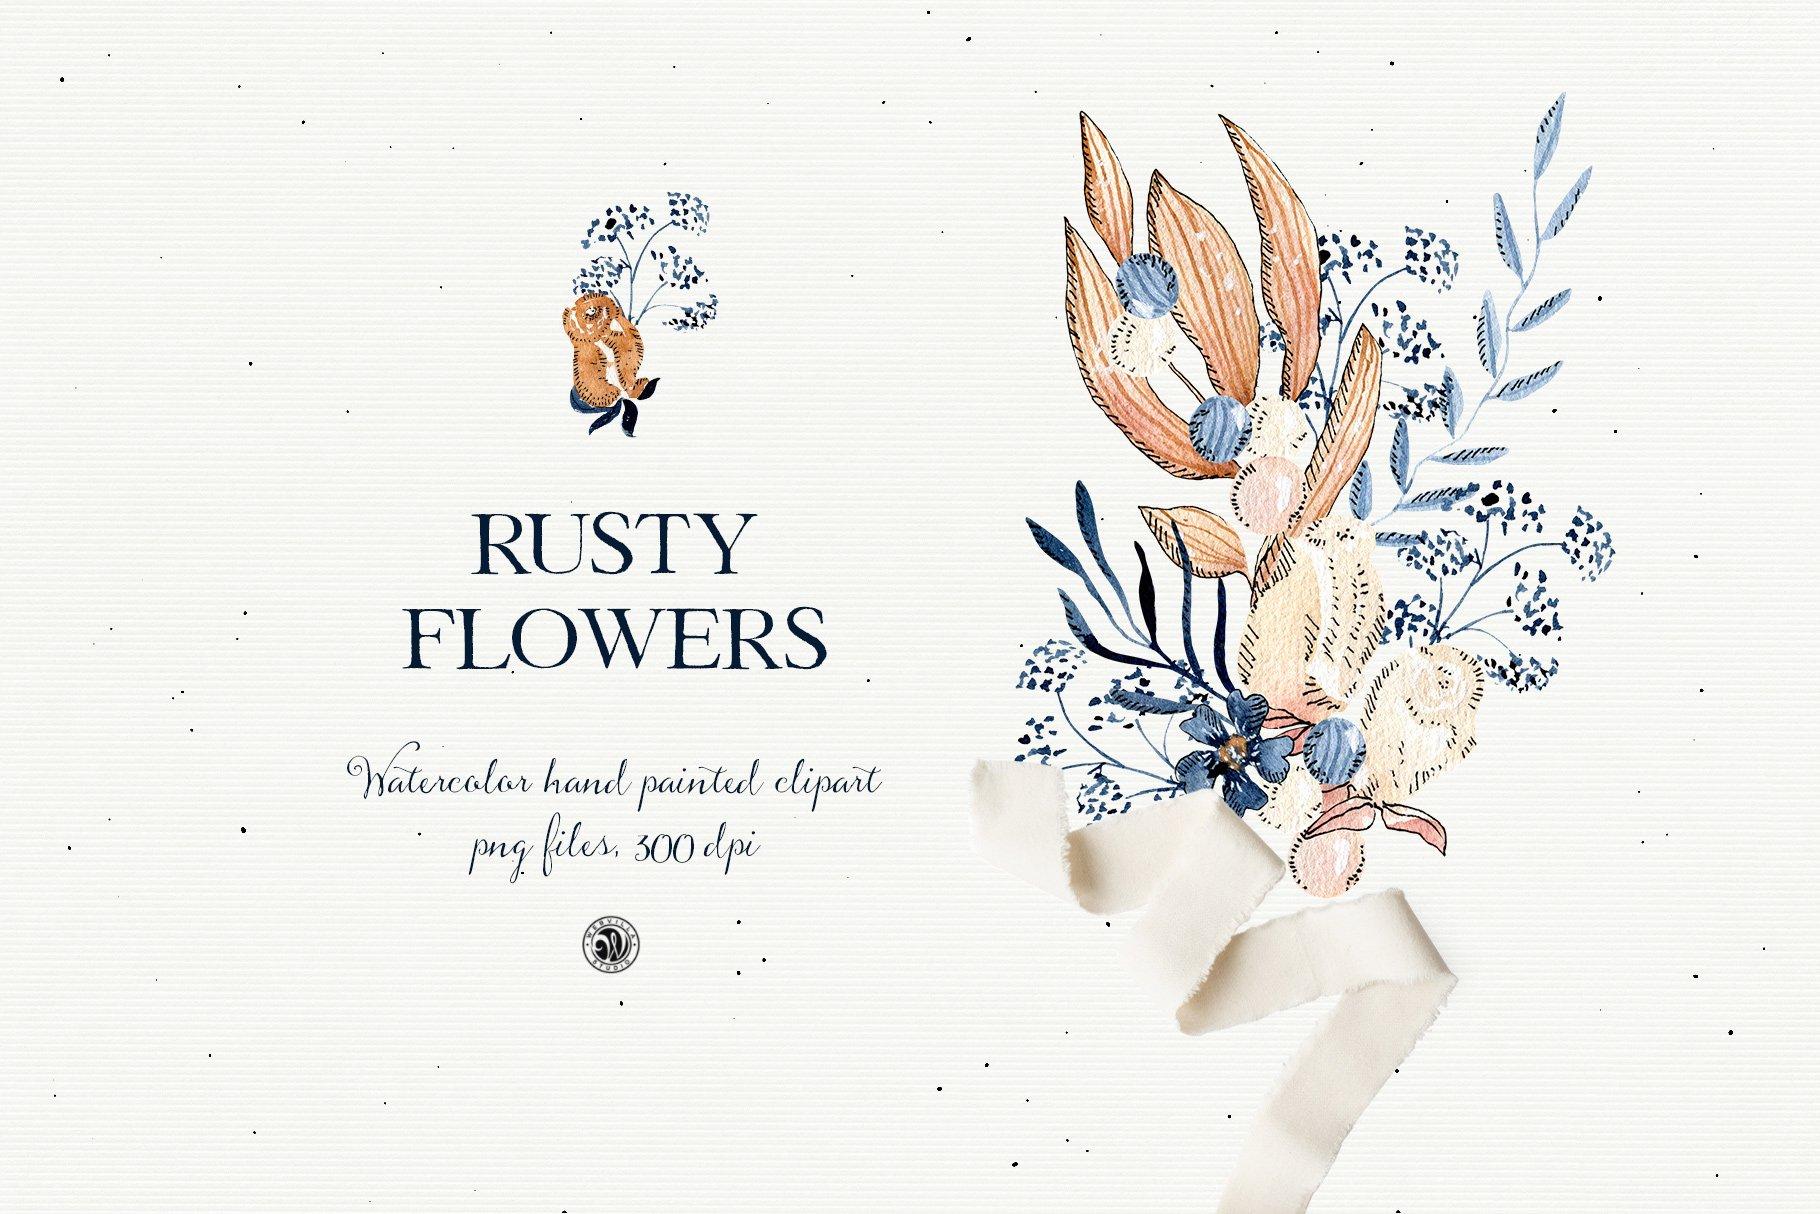 铁锈色花卉树叶手绘剪贴画PNG透明图片设计素材 Rusty Flowers – Watercolor Set插图